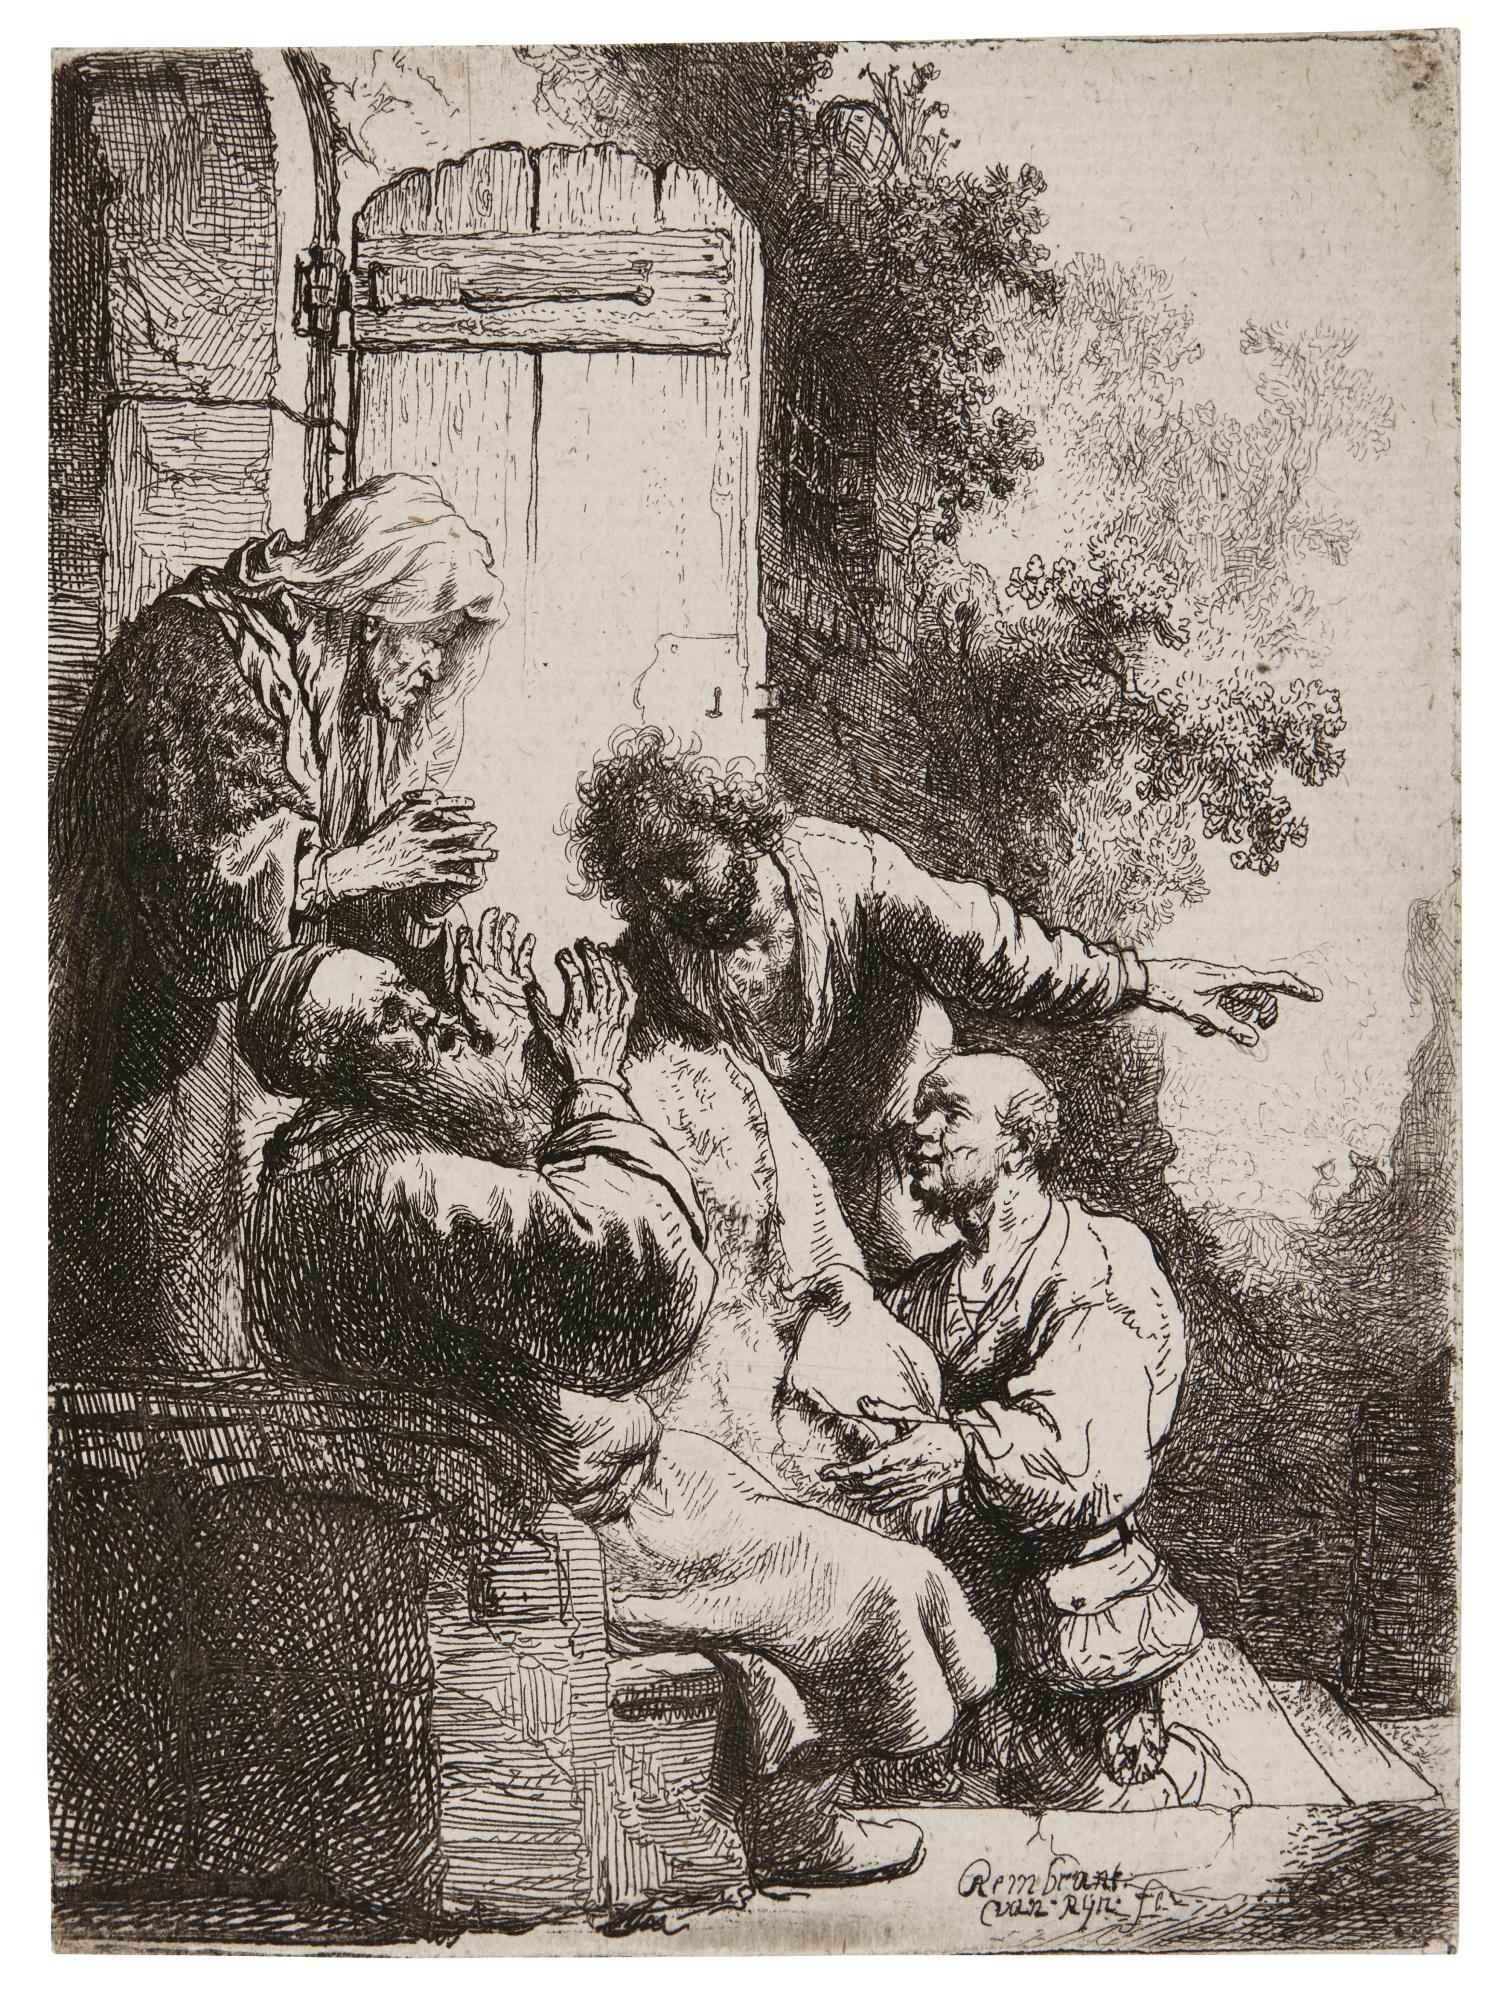 Rembrandt van Rijn-Joseph'S Coat Brought To Jacob (B. Holl. 38; New Holl. 122; H.104)-1633